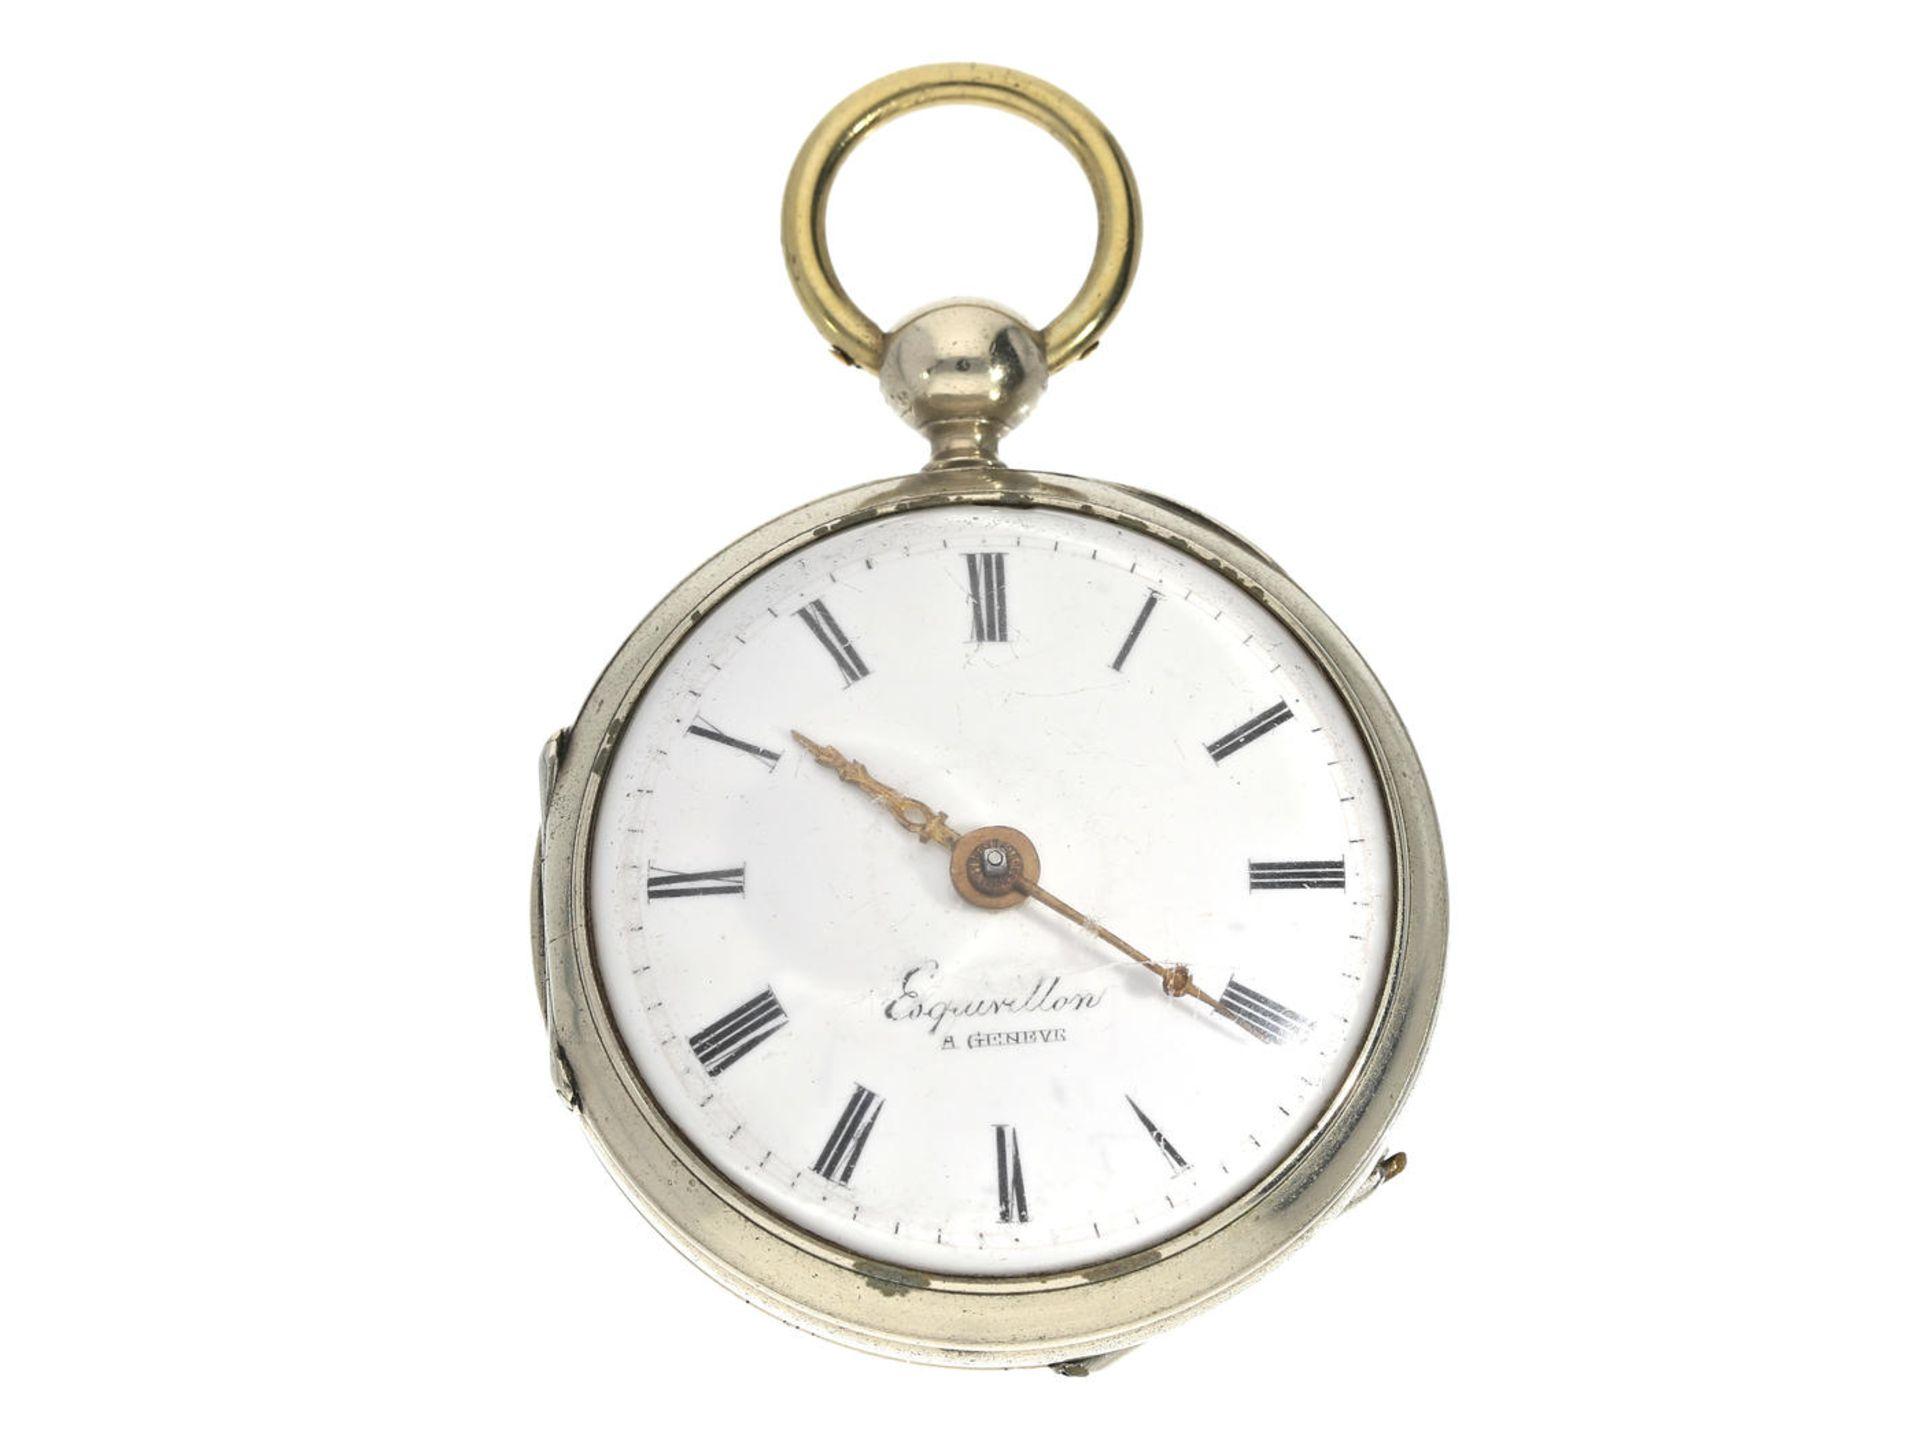 Taschenuhr: Spindeluhr, um 1800, signiert Esquivillon Geneve Ca. Ø47mm, ca. 89g, Nickelgehäuse,